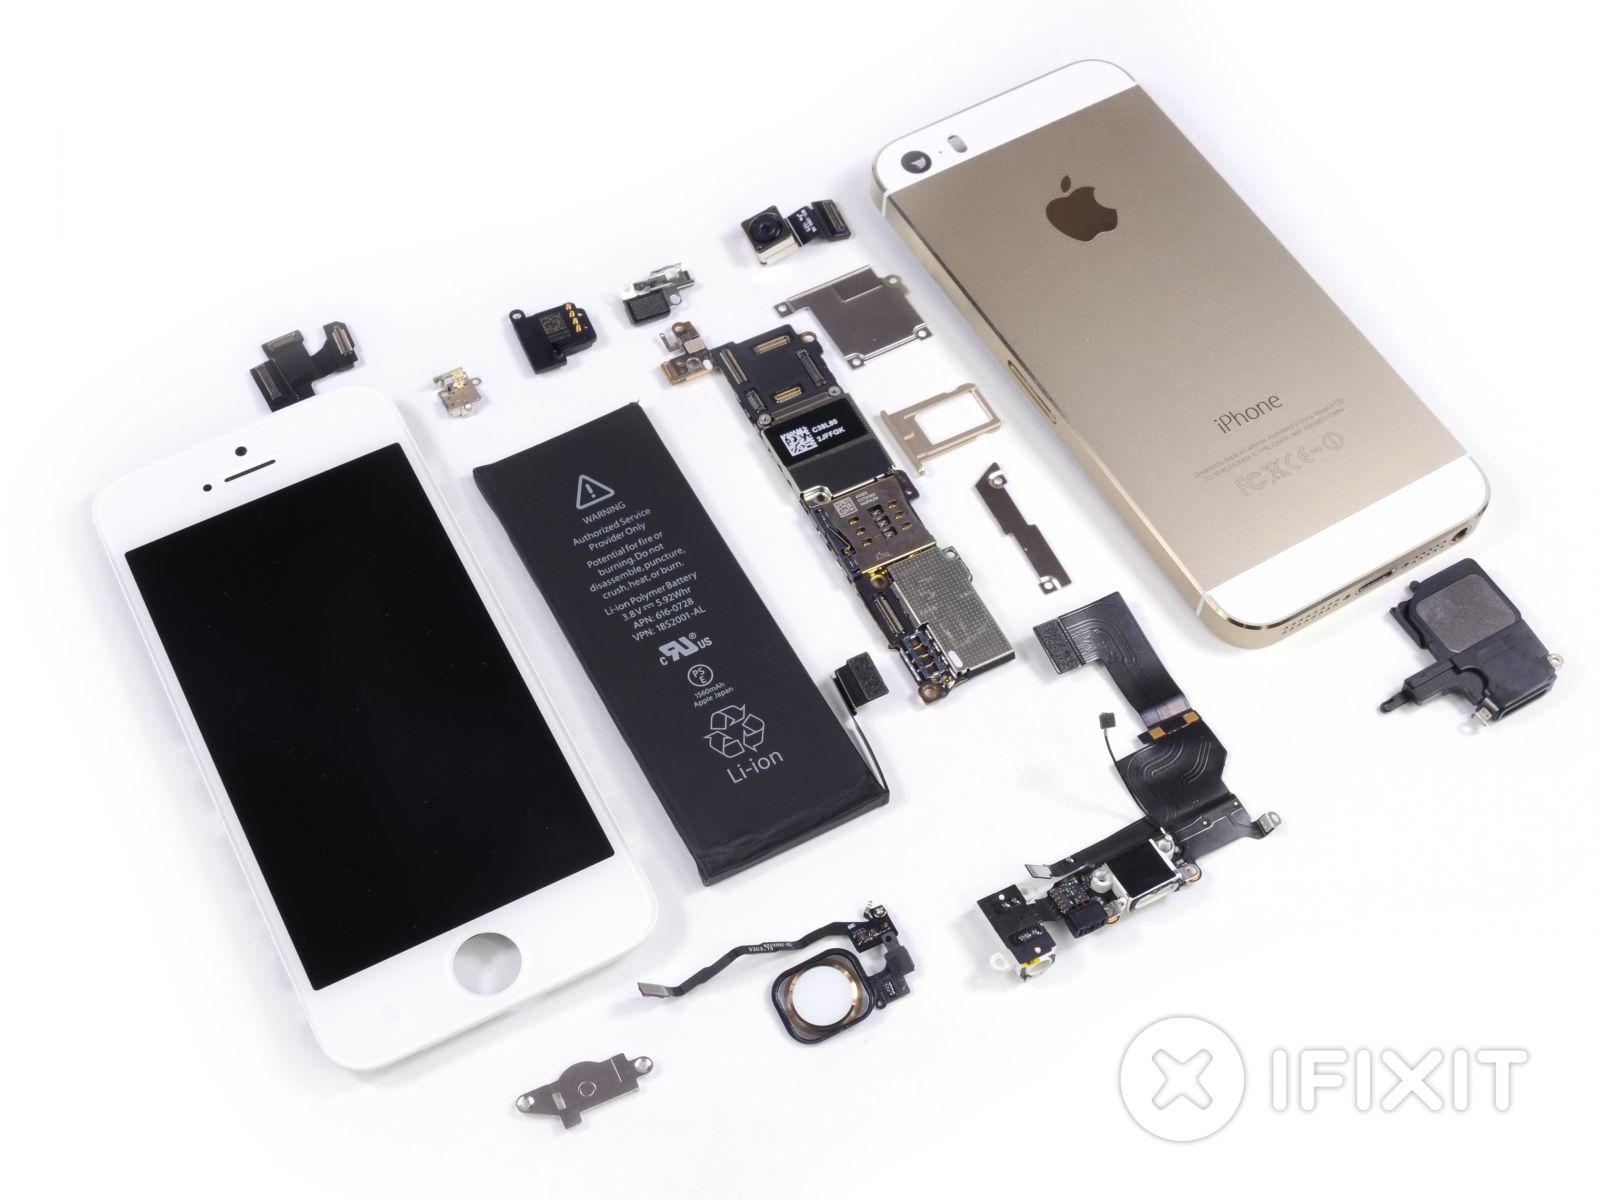 Схема разборки айфона